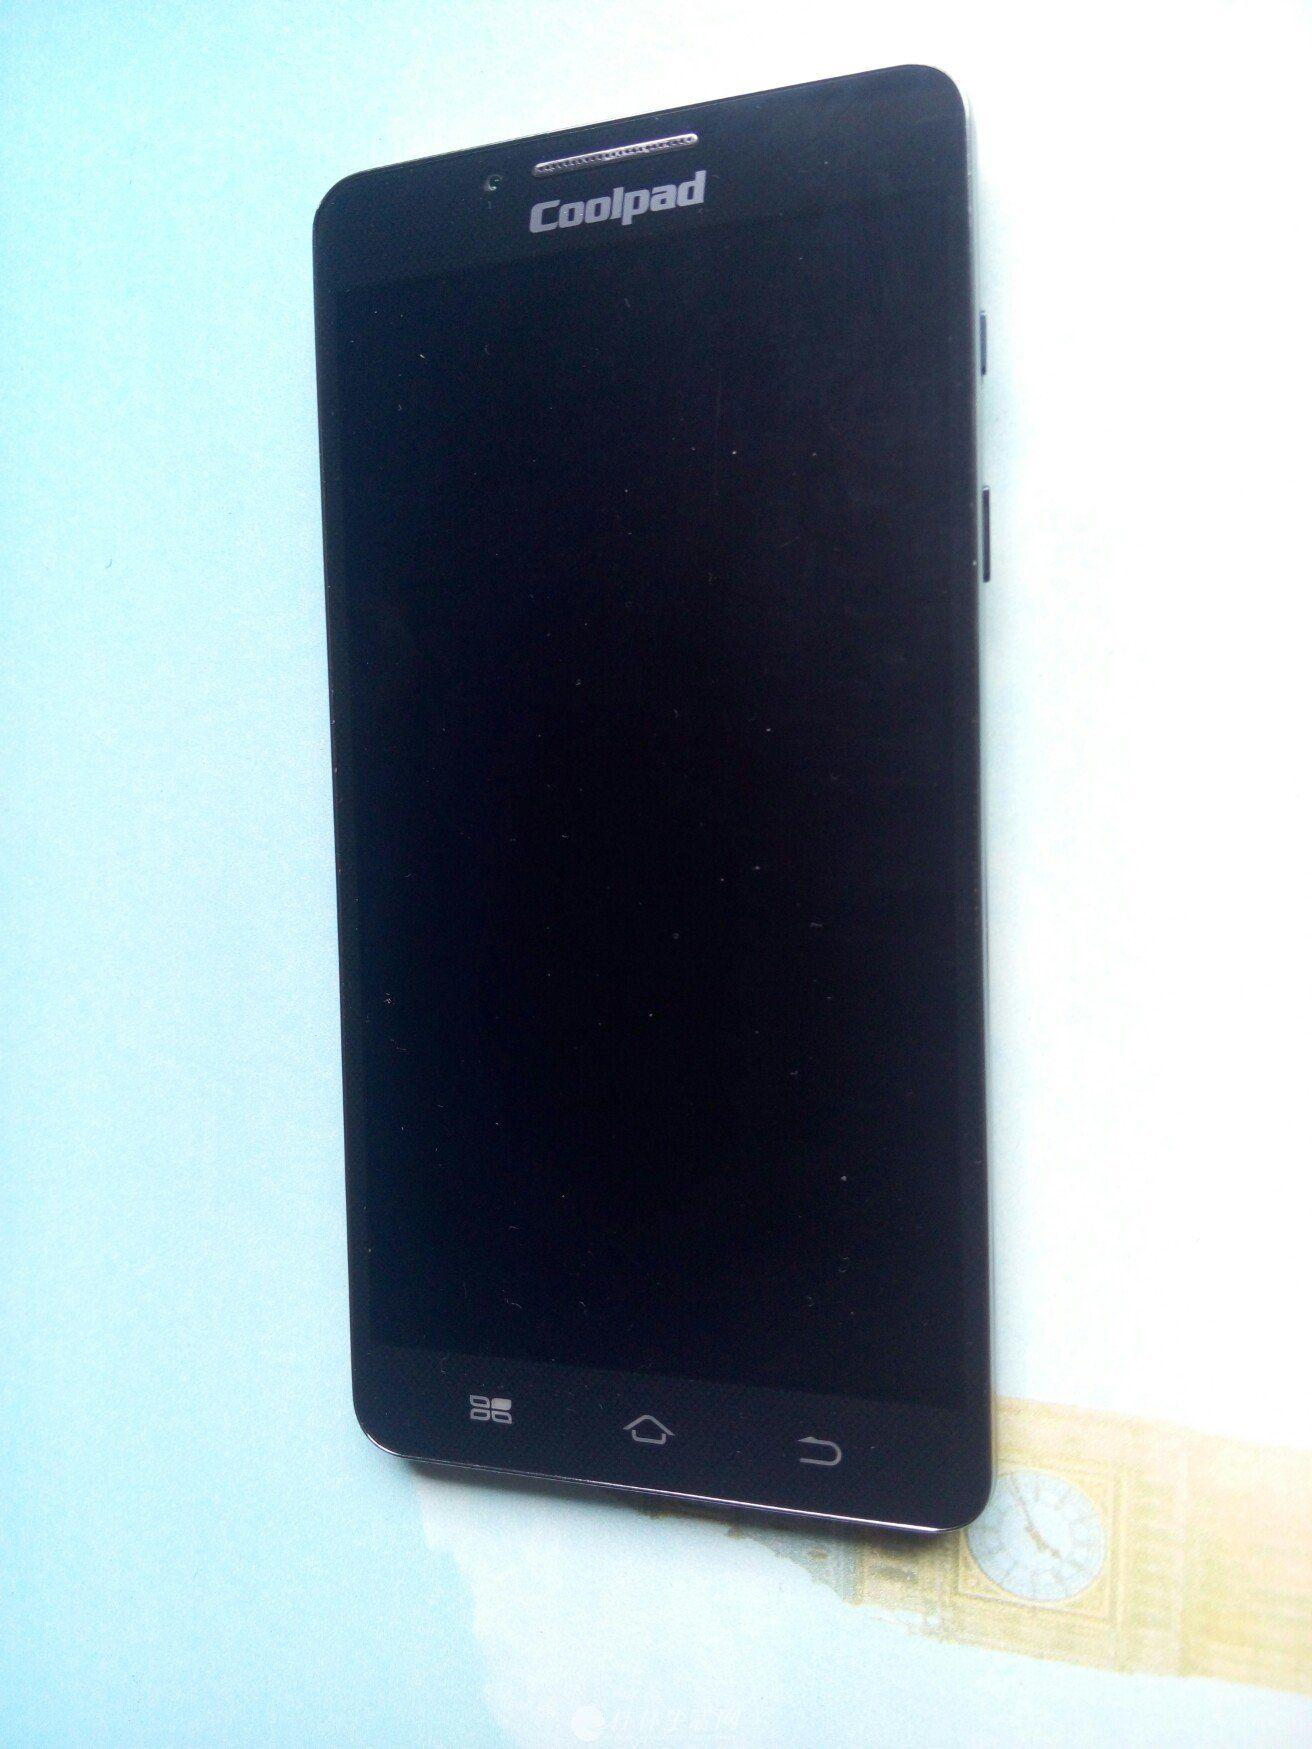 酷派s6手机全网通4g